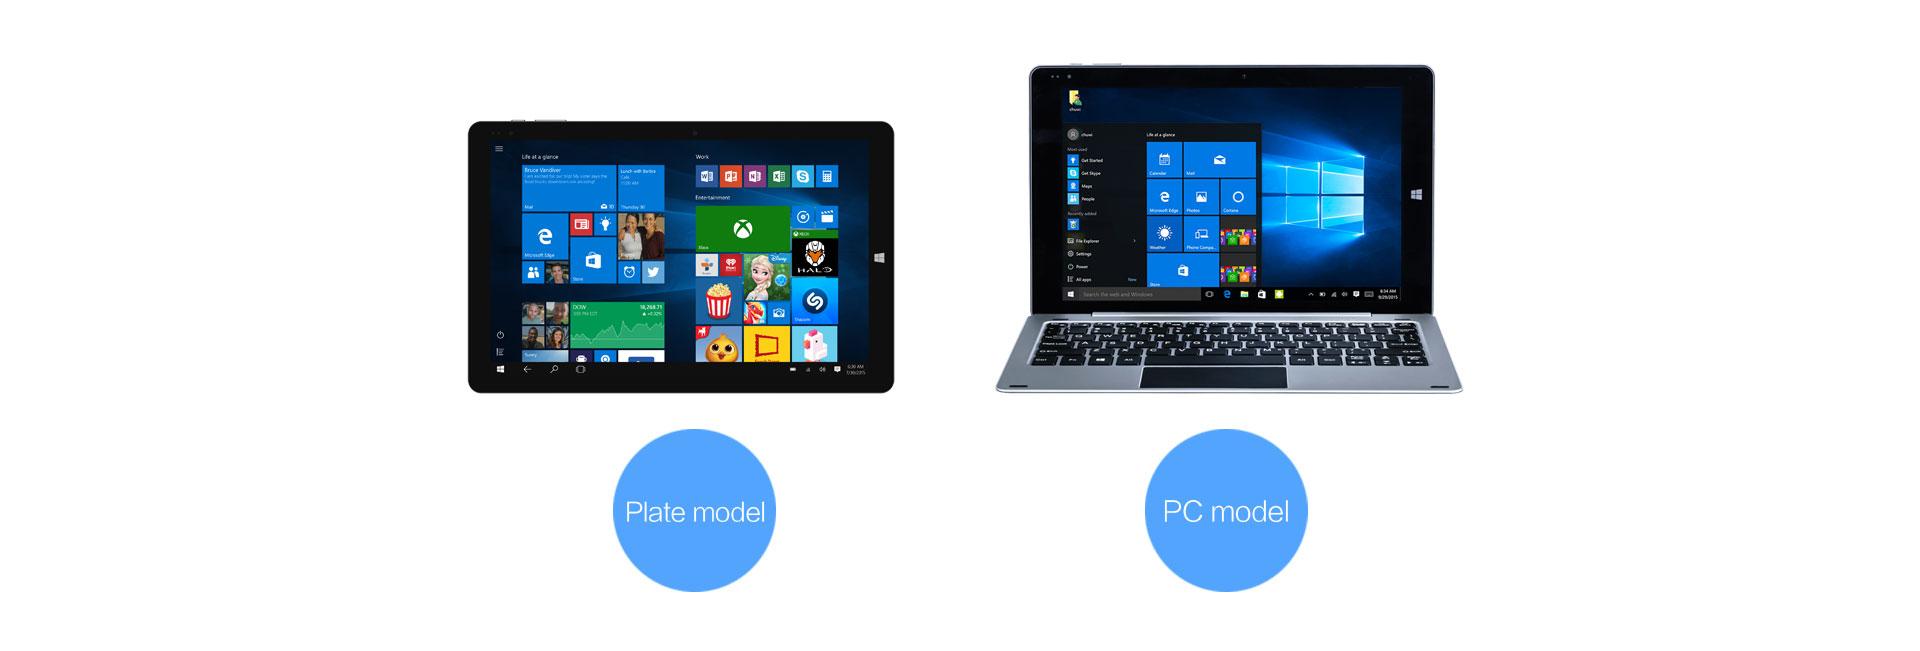 فرصه لربح تابلت بنظامى تشغيل ويندوز10 واندرويد 5.1 ويمكن تحويله الى لاب توب